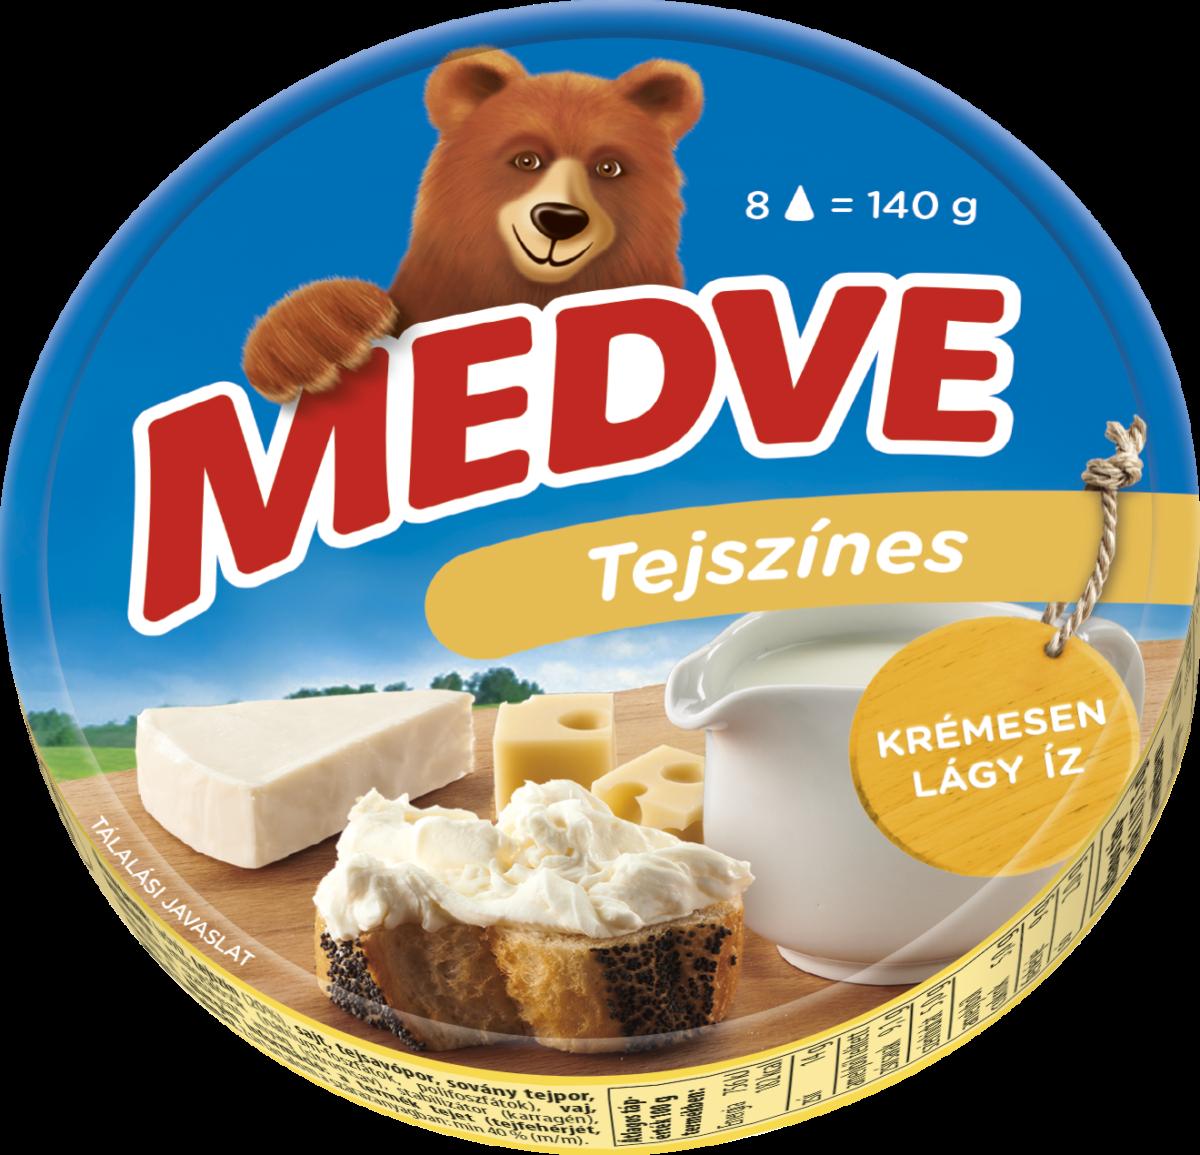 Medve tejszínes kördobozos kockasajt 140g